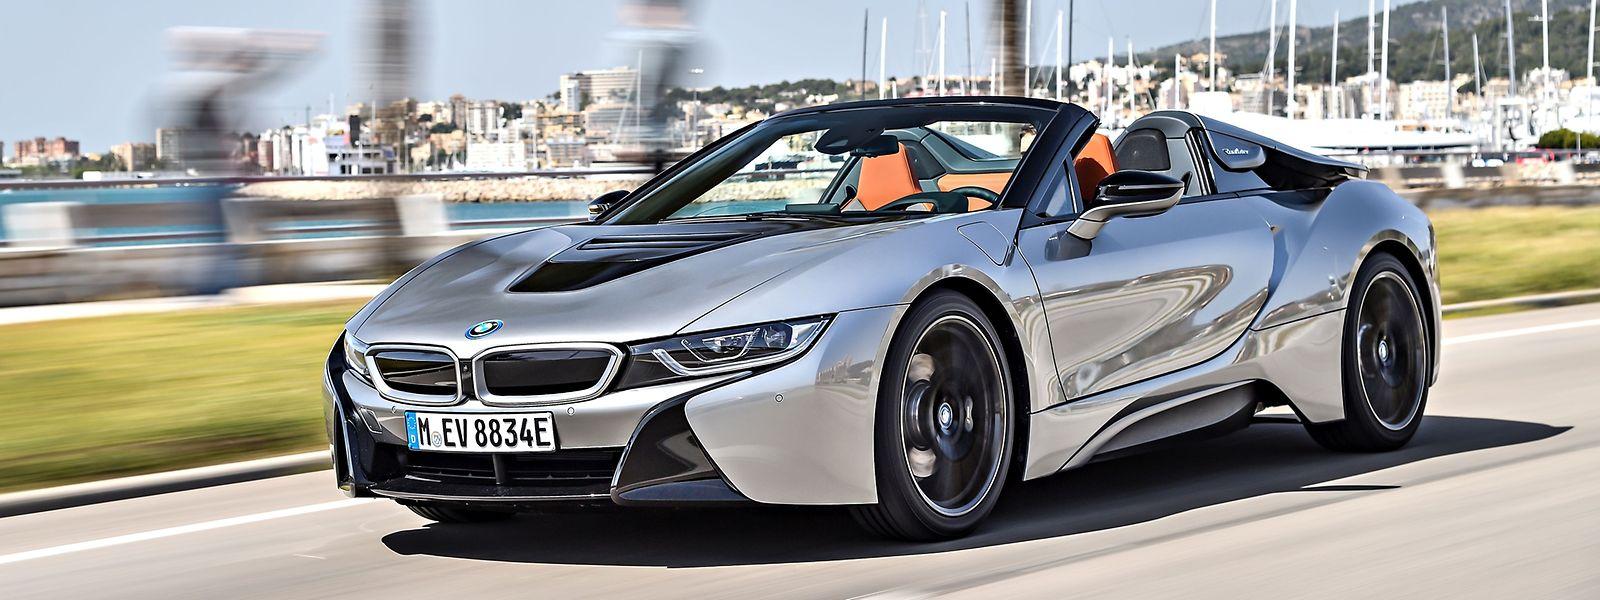 Das vom Coupé her bekannte exklusive Design und die nach oben öffnenden Flügeltüren machen auch den reinen Zweisitzer BMW i8 Roadster zu einem Blickfang.